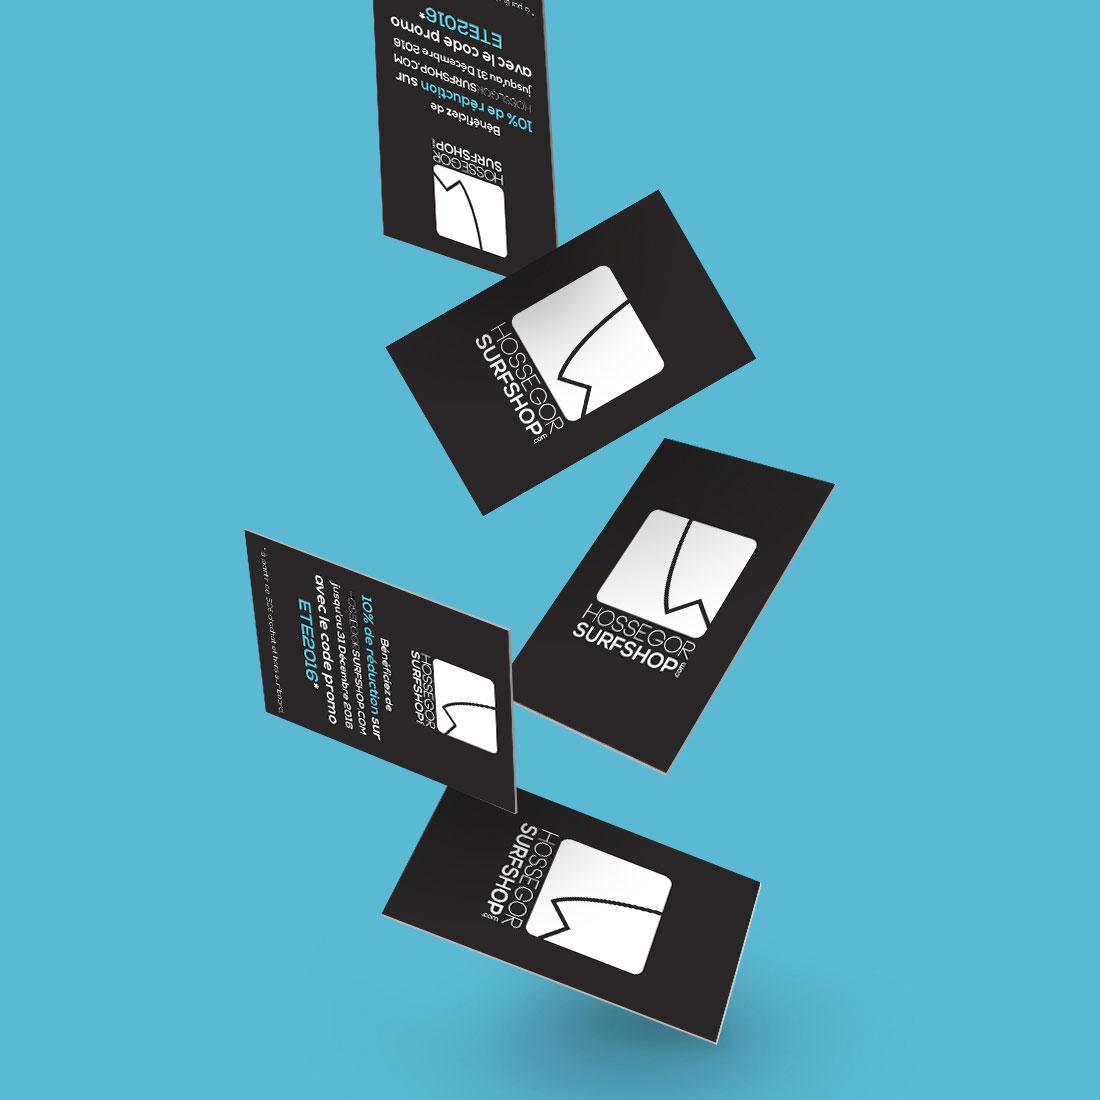 Création identité visuelle carte de visite surf shop